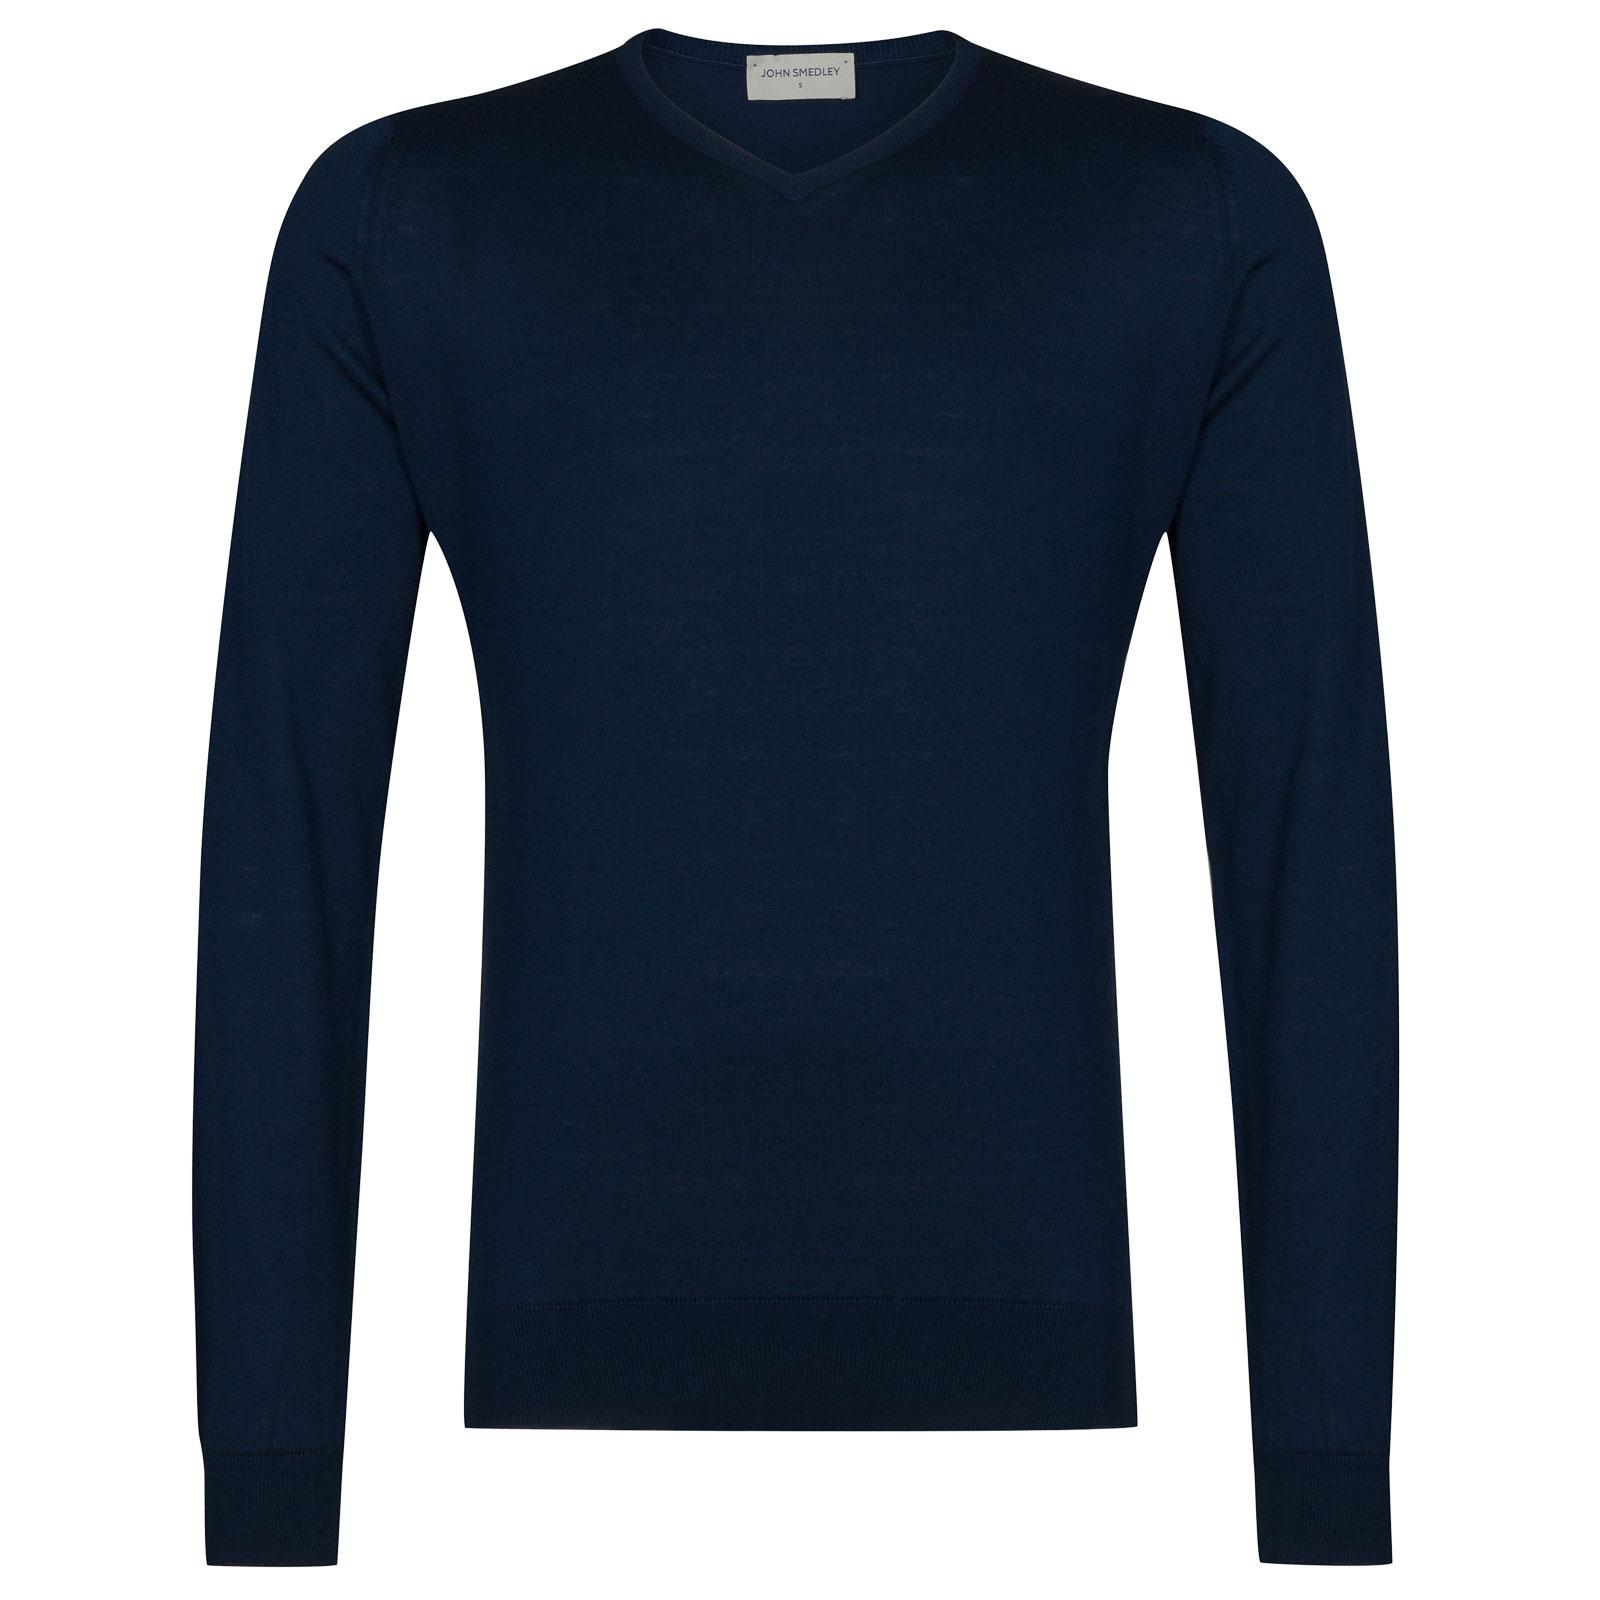 John Smedley Aydon Sea Island Cotton Pullover in Indigo-XL